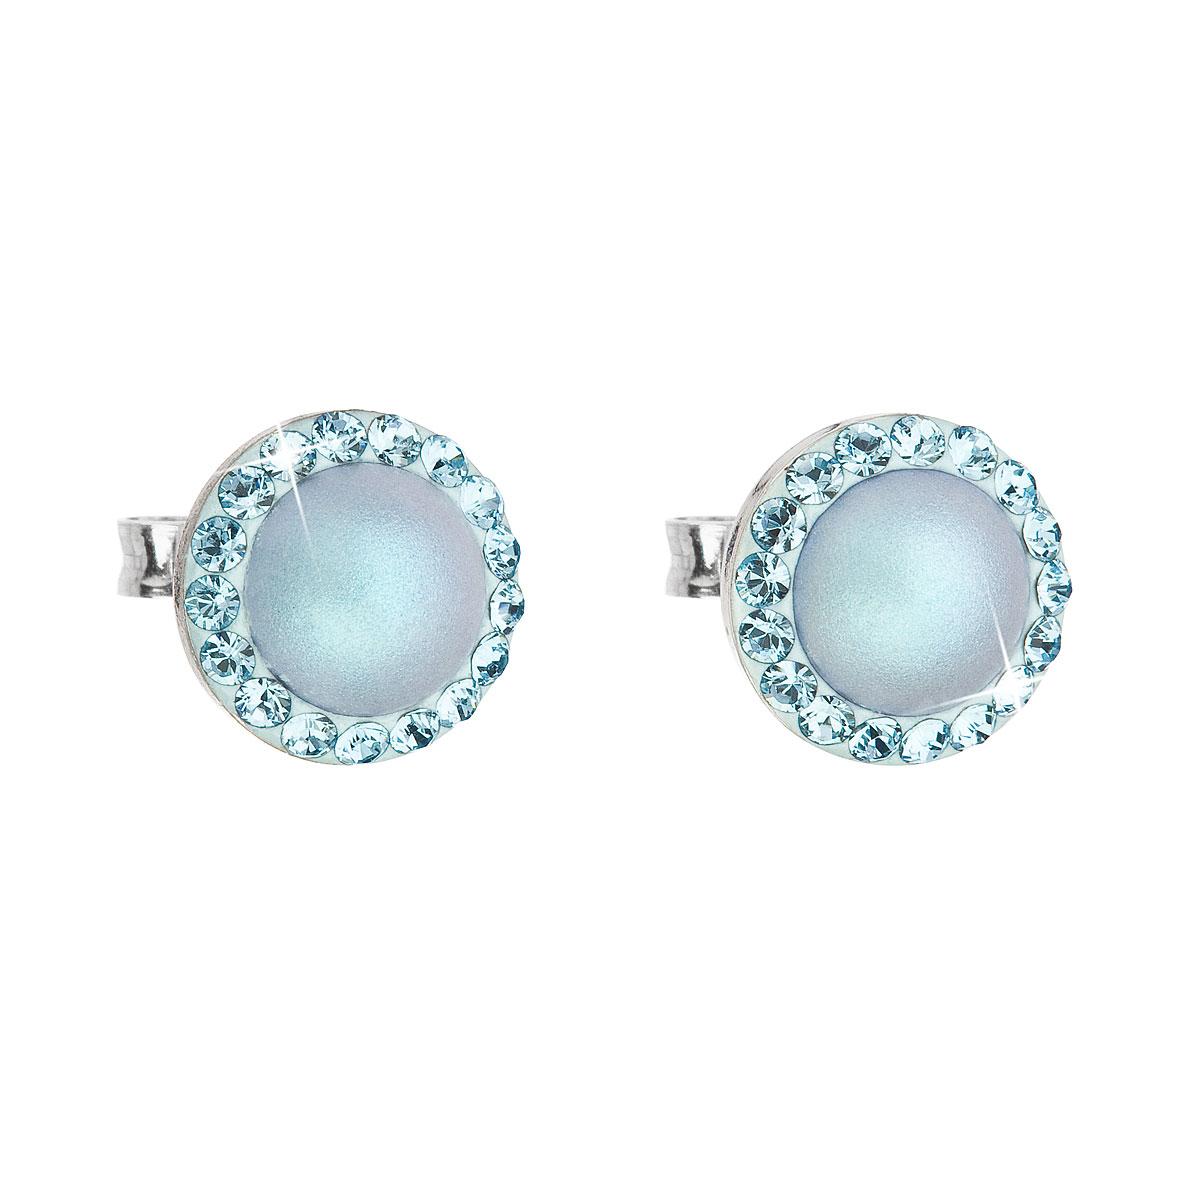 Strieborné náušnice kôstka s krištáľmi Swarovski a svetlomodrou matnou perlou okrúhle 31214.3